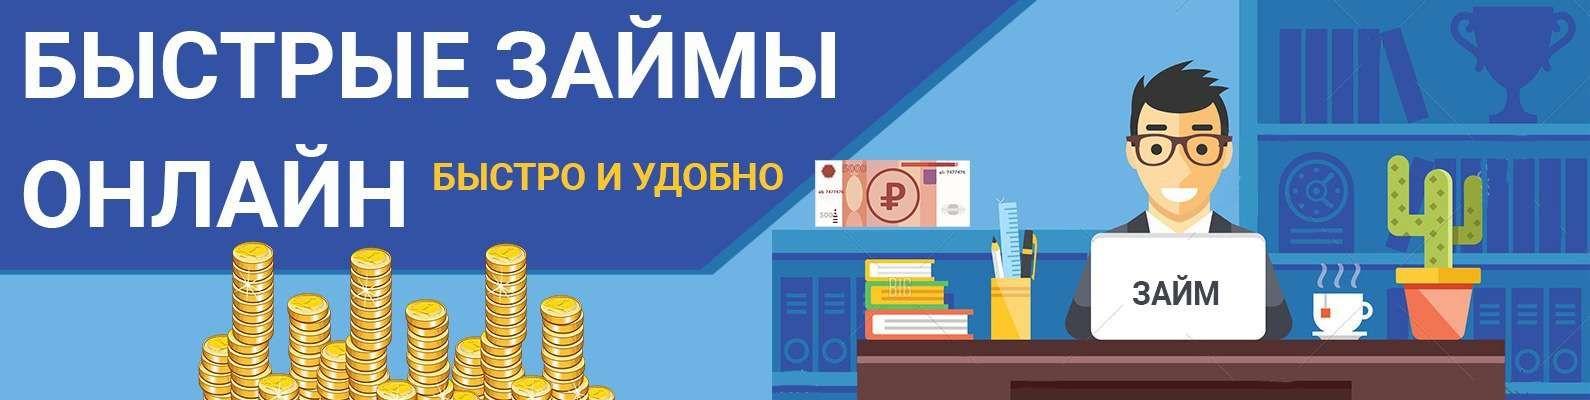 Кредит без прописки в паспорте с временной регистрацией спб